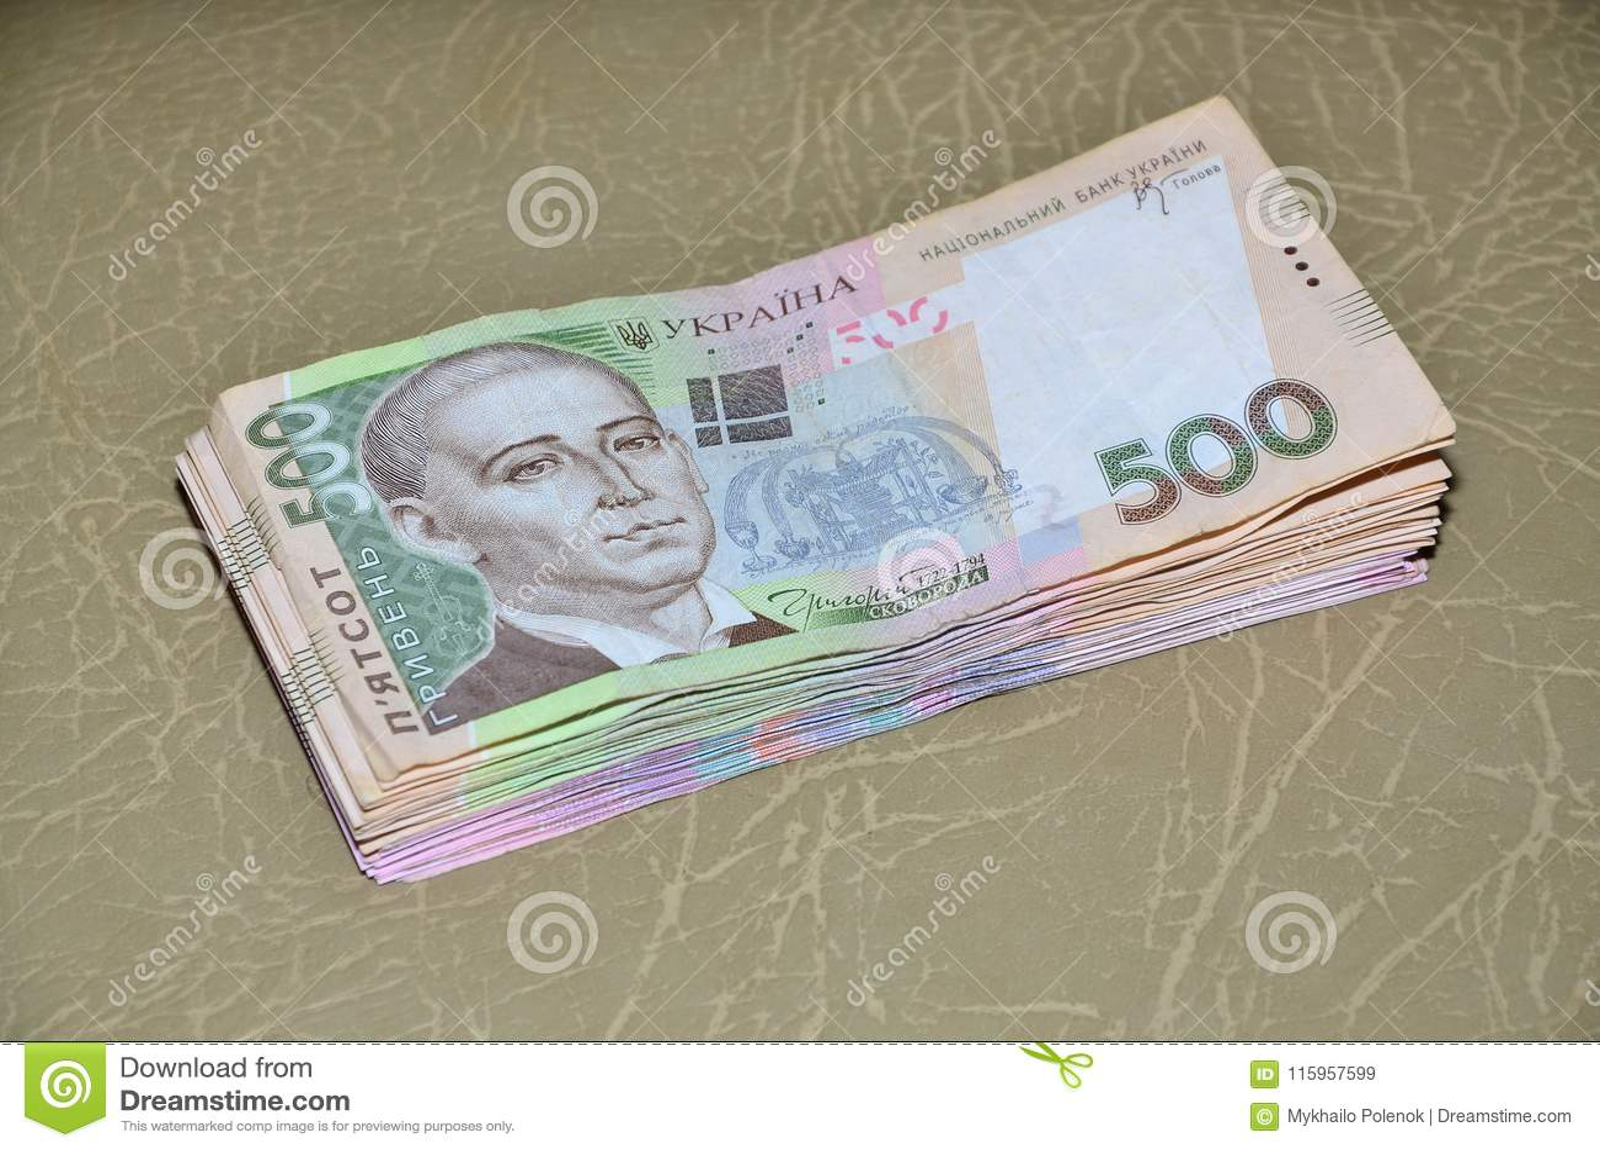 Una fotografia del primo piano di un insieme di soldi ucraini con un valore nominale del hryvnia 500, trovantesi su una superfici